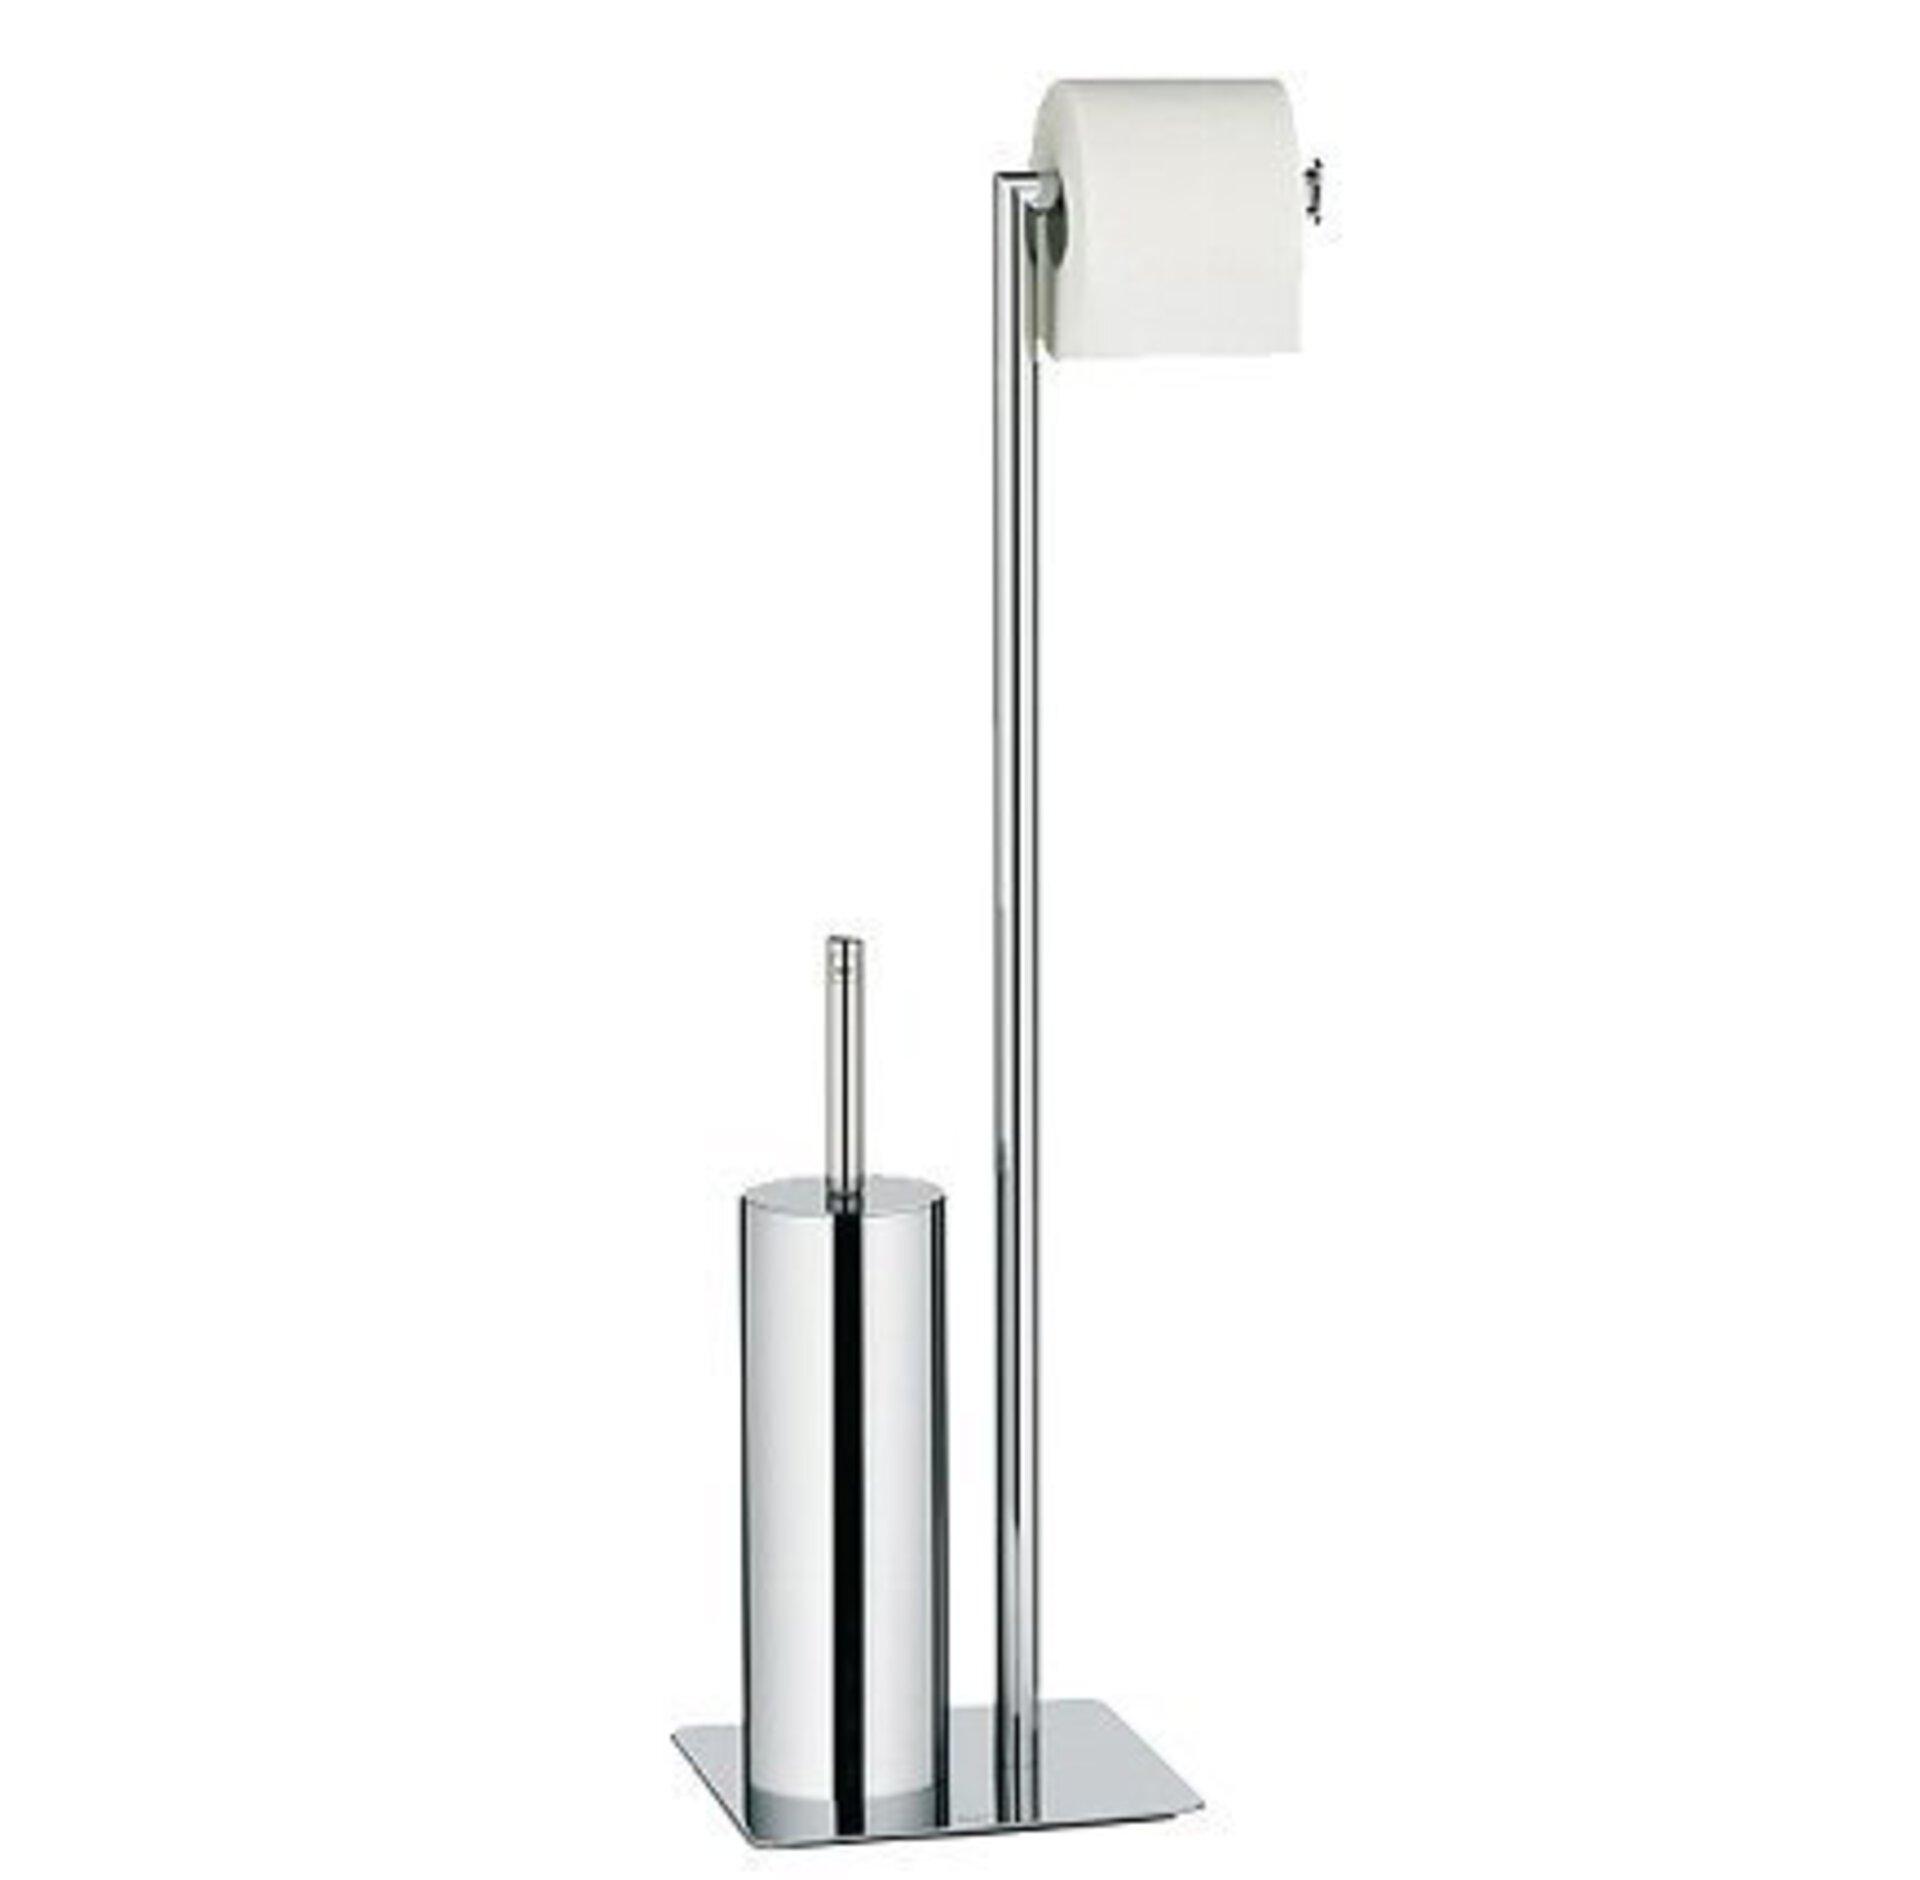 WC-Bürste Style Kela Metall silber